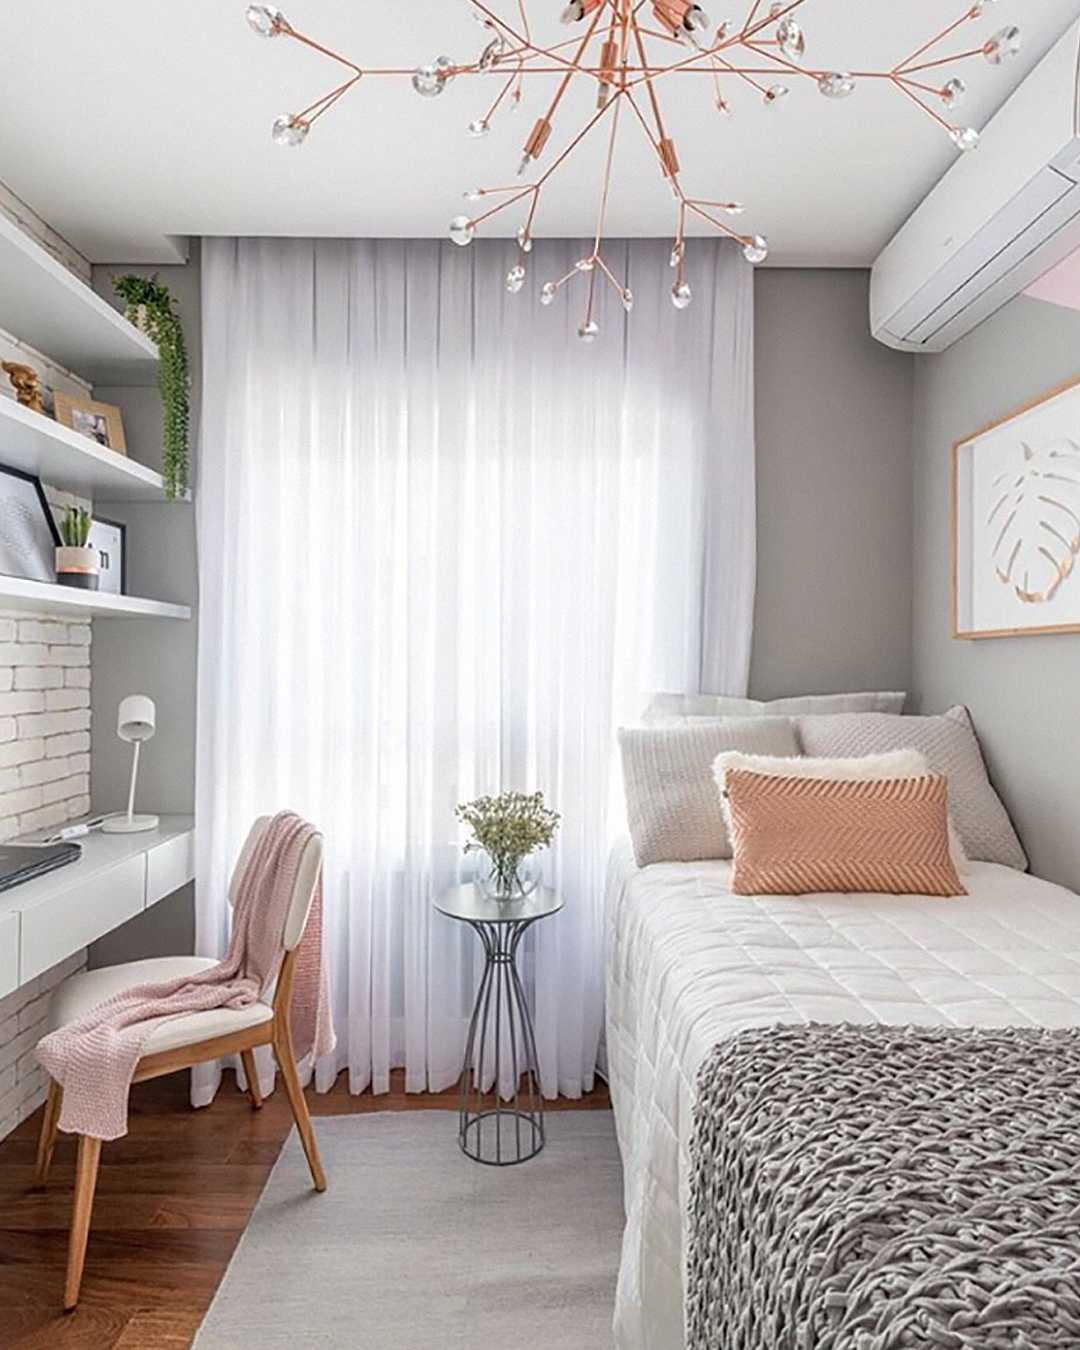 Encantada com essa inspiração de quarto para hóspedes ou p/ uma ...